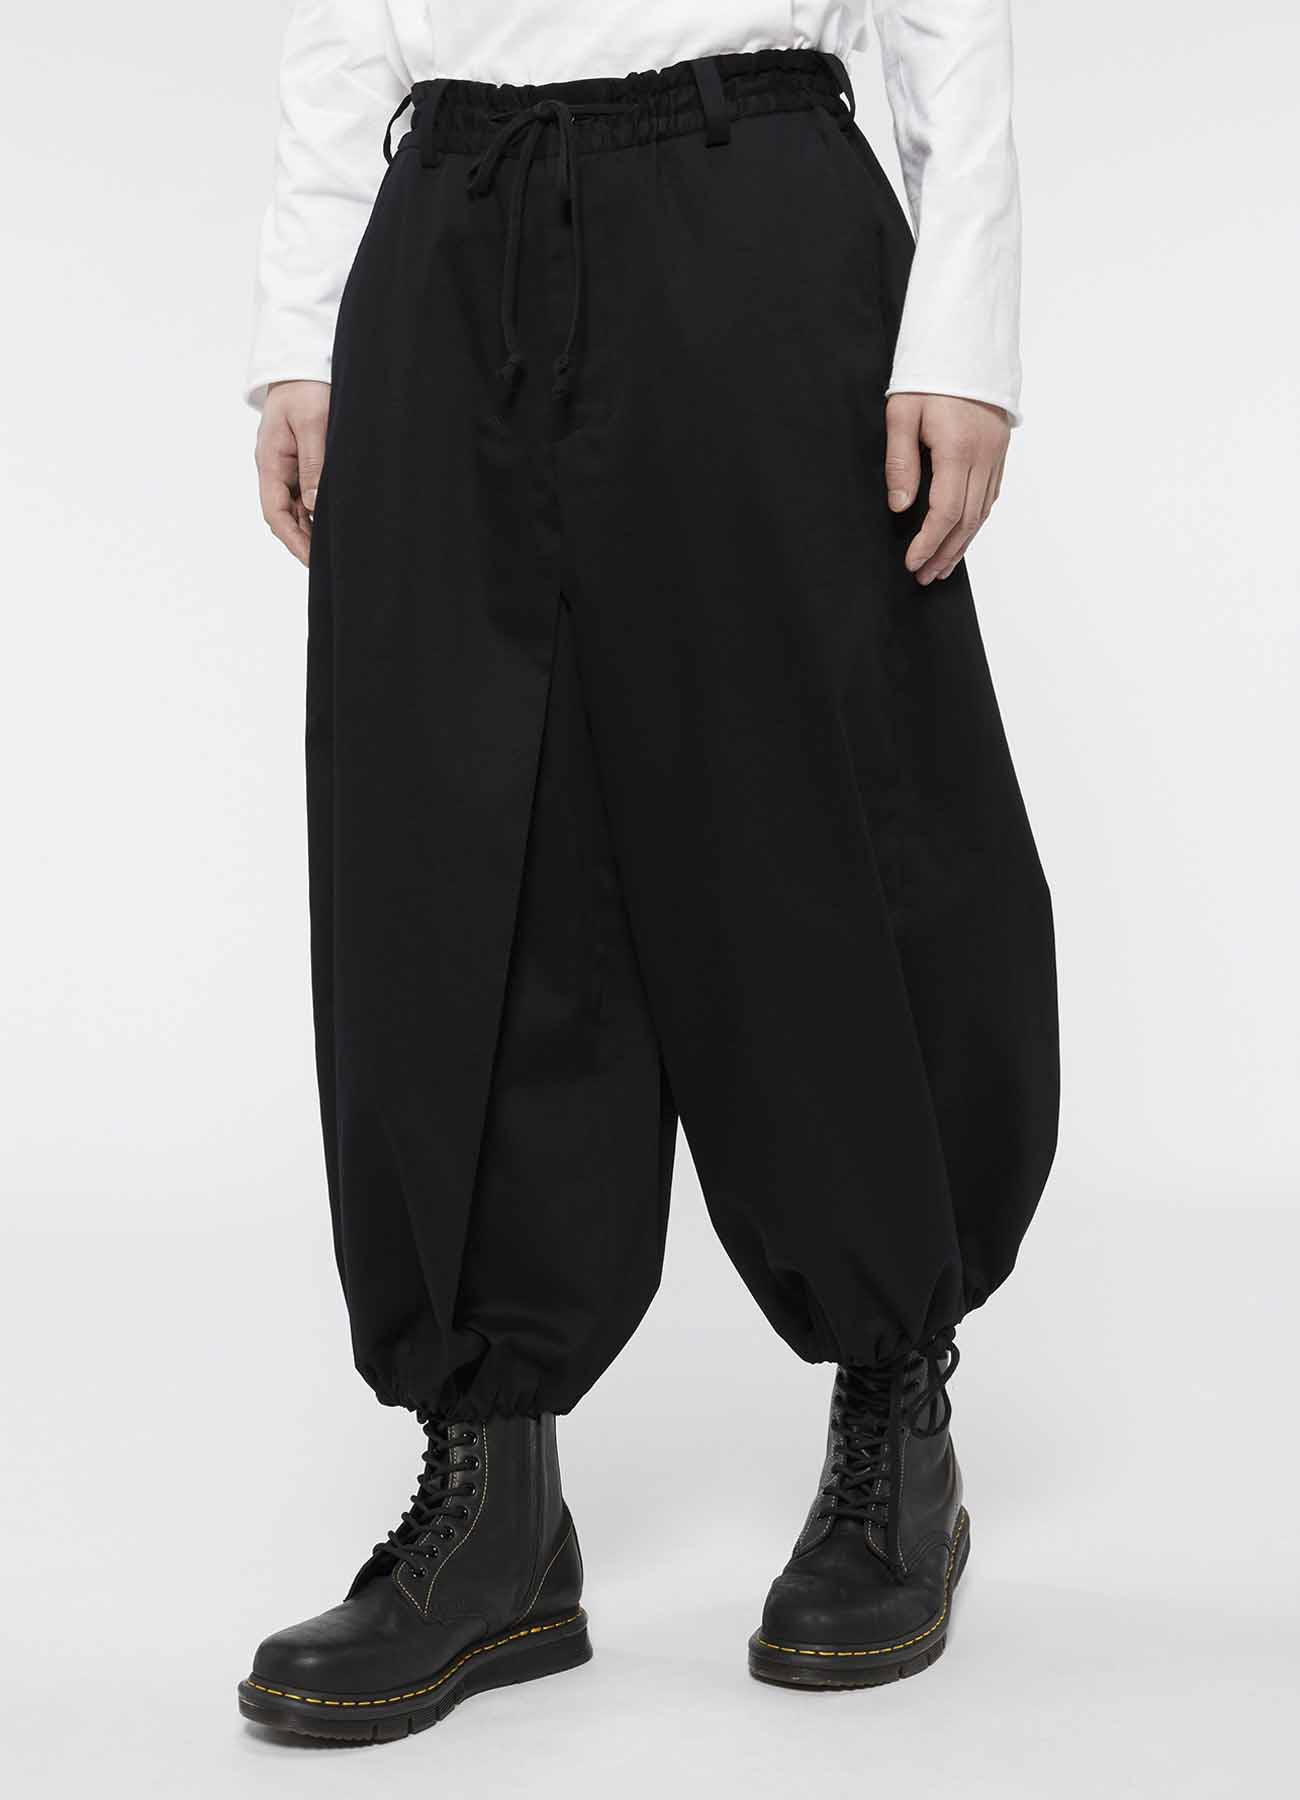 20/Cotton Twill Washer Hakama Balloon Pants